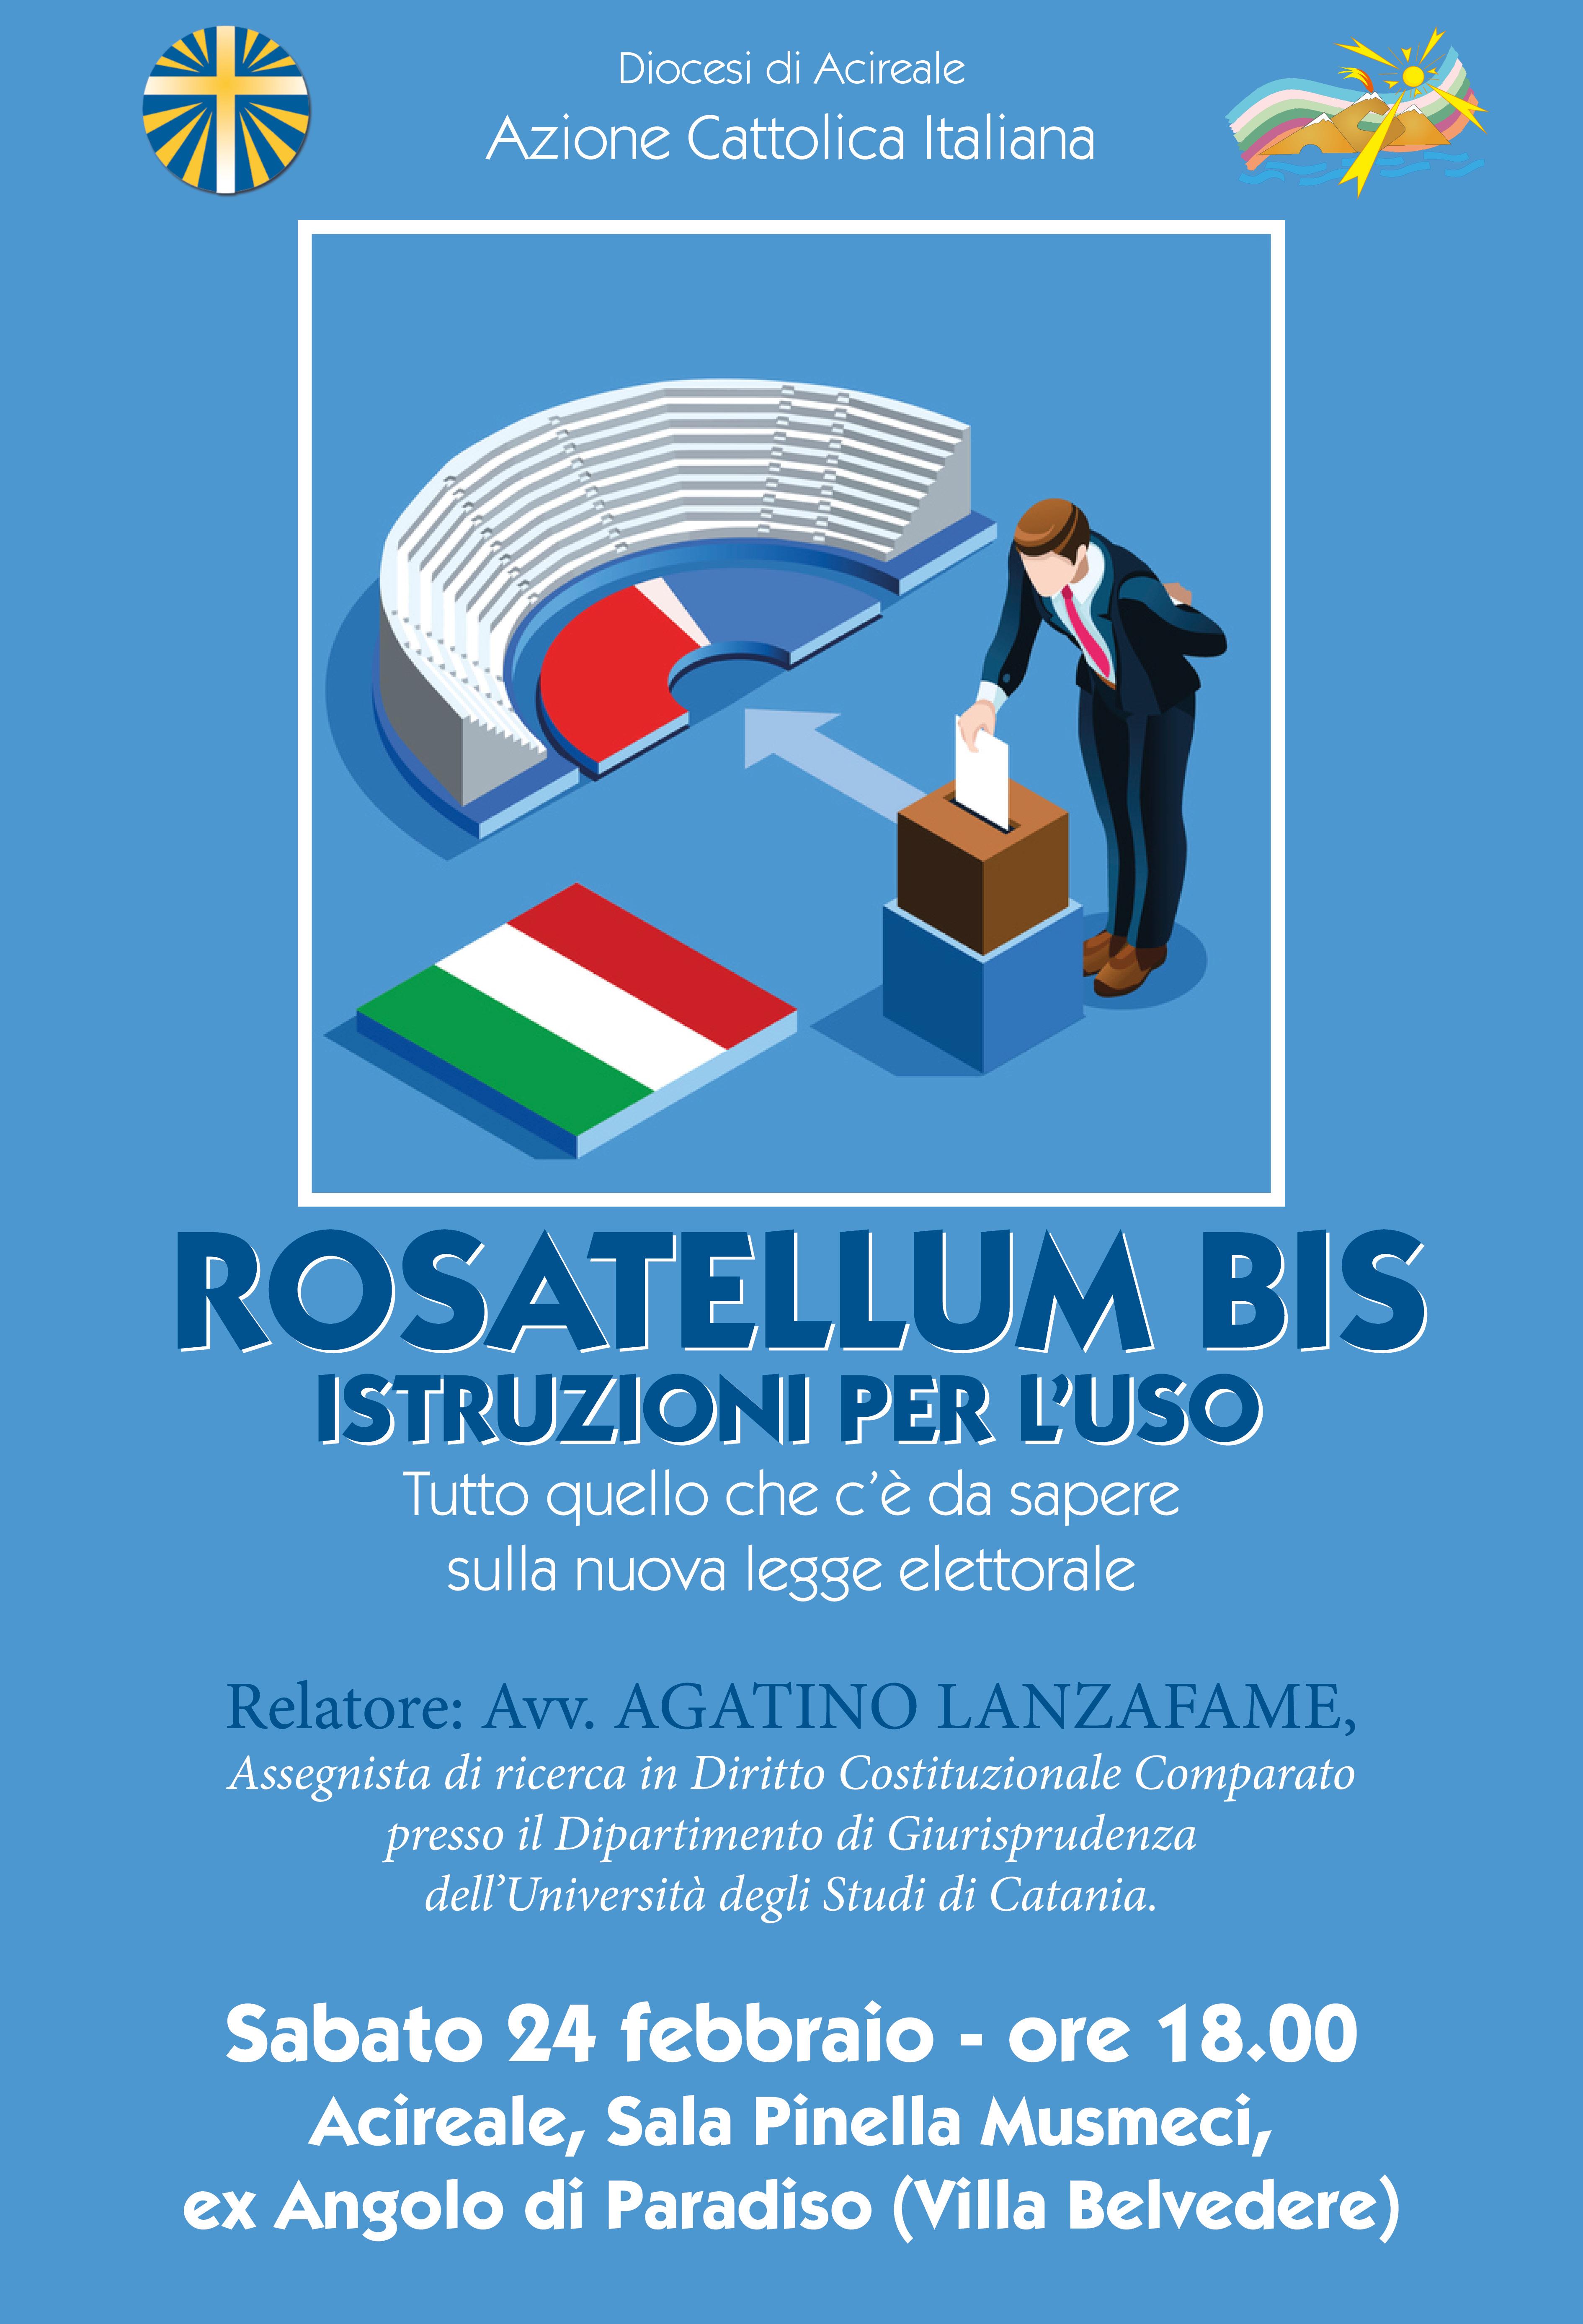 ROSATELLUM BIS – ISTRUZIONI PER L'USO